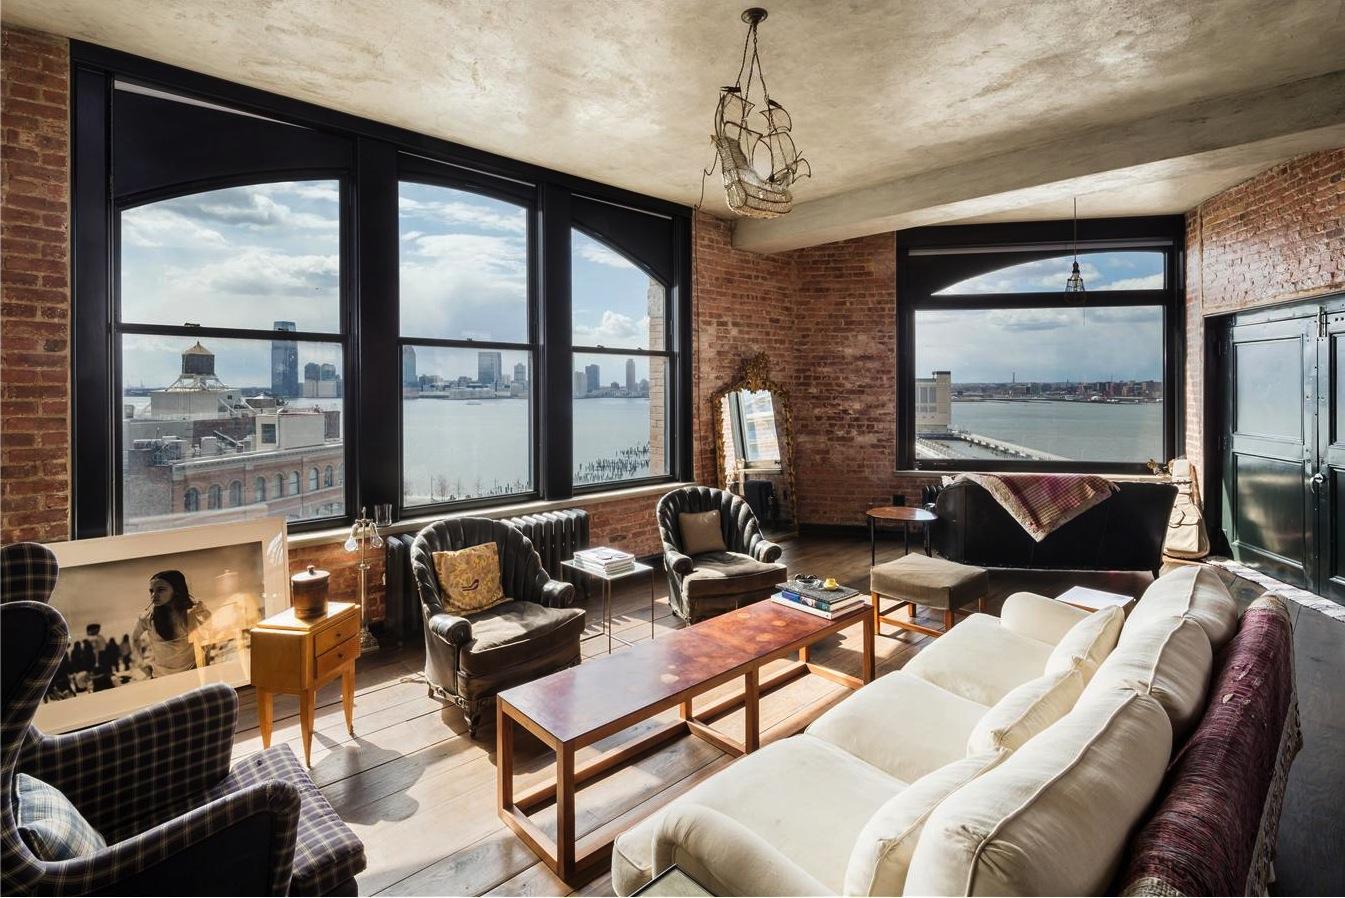 Apartament_Kirsten_Dunsts_soho_5